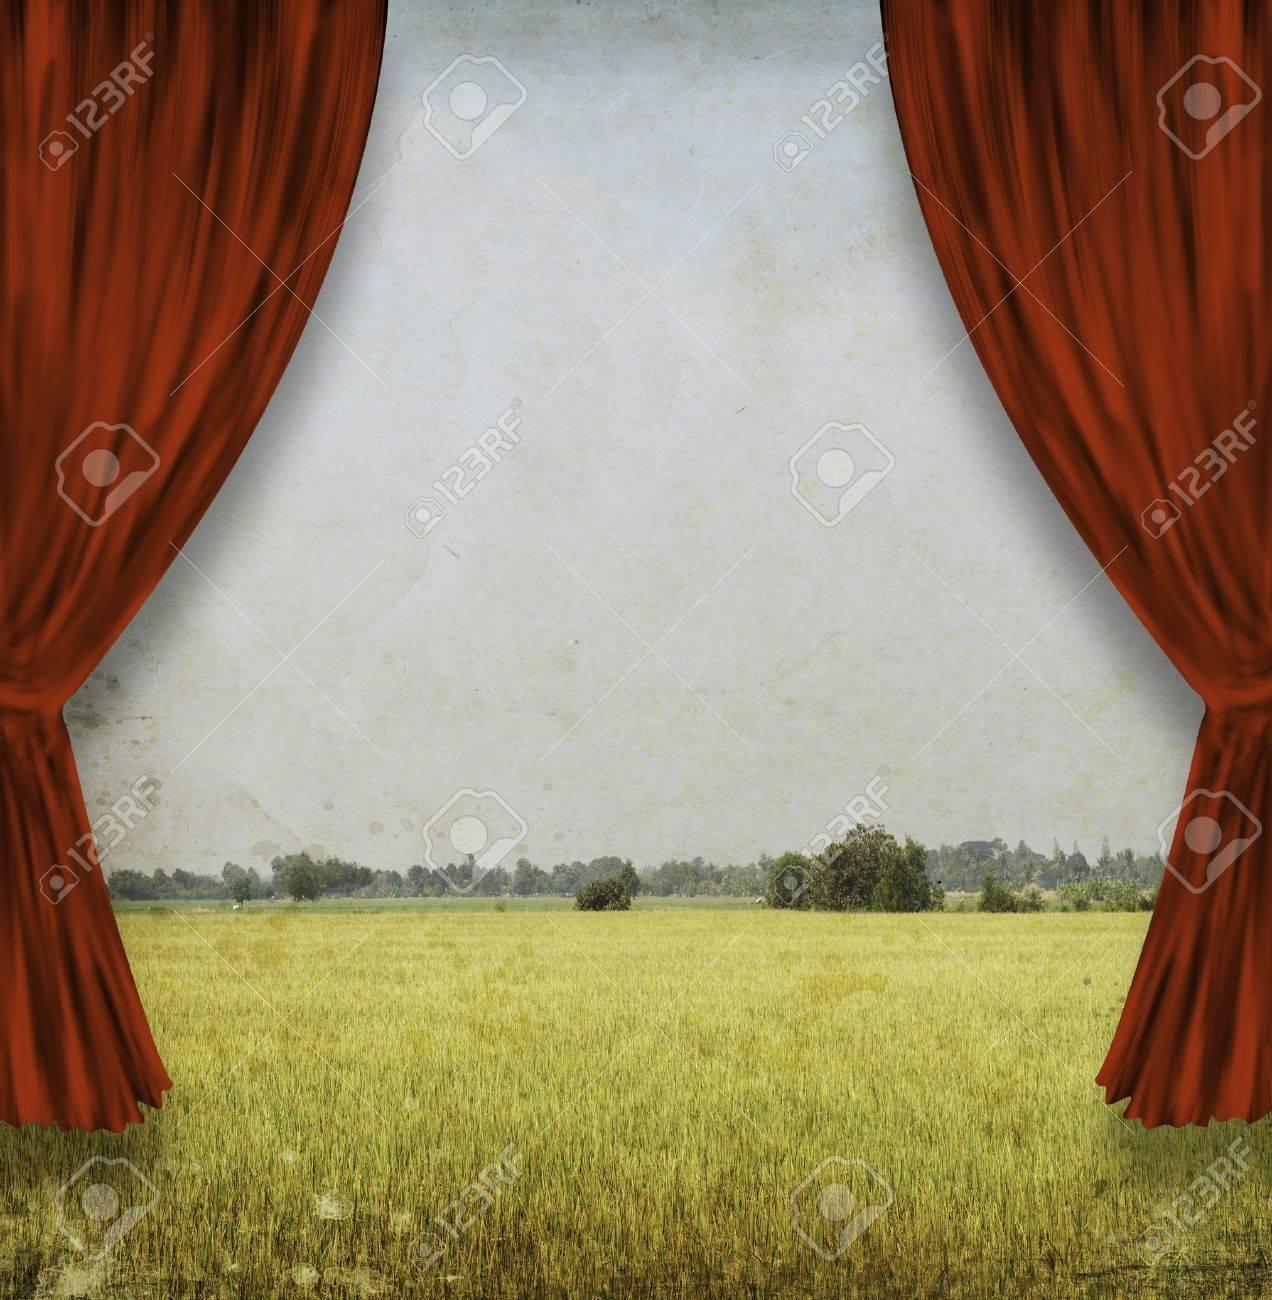 teatro escenario con cortinas rojas y el campo amarillo foto de archivo